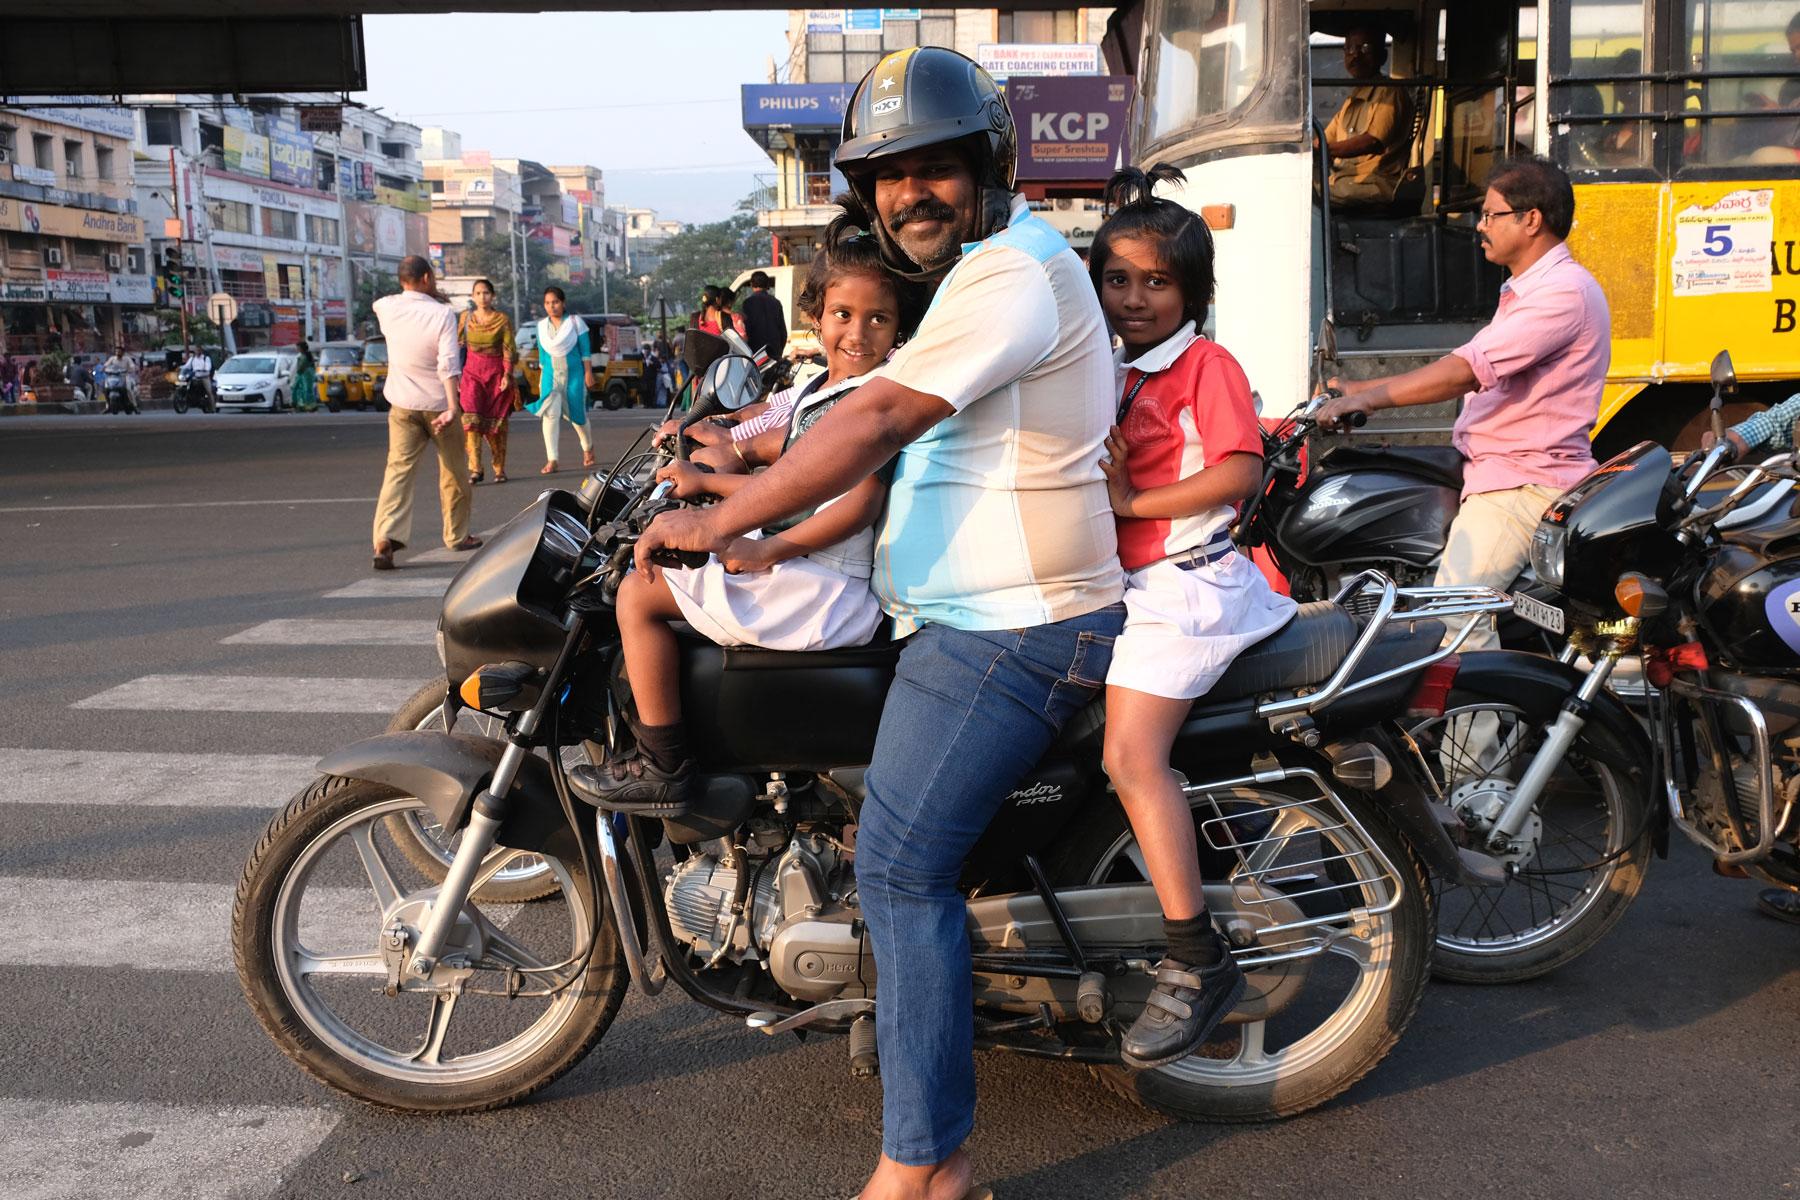 Ein Mann sitzt mit zwei Mädchen auf einem Motorrad.